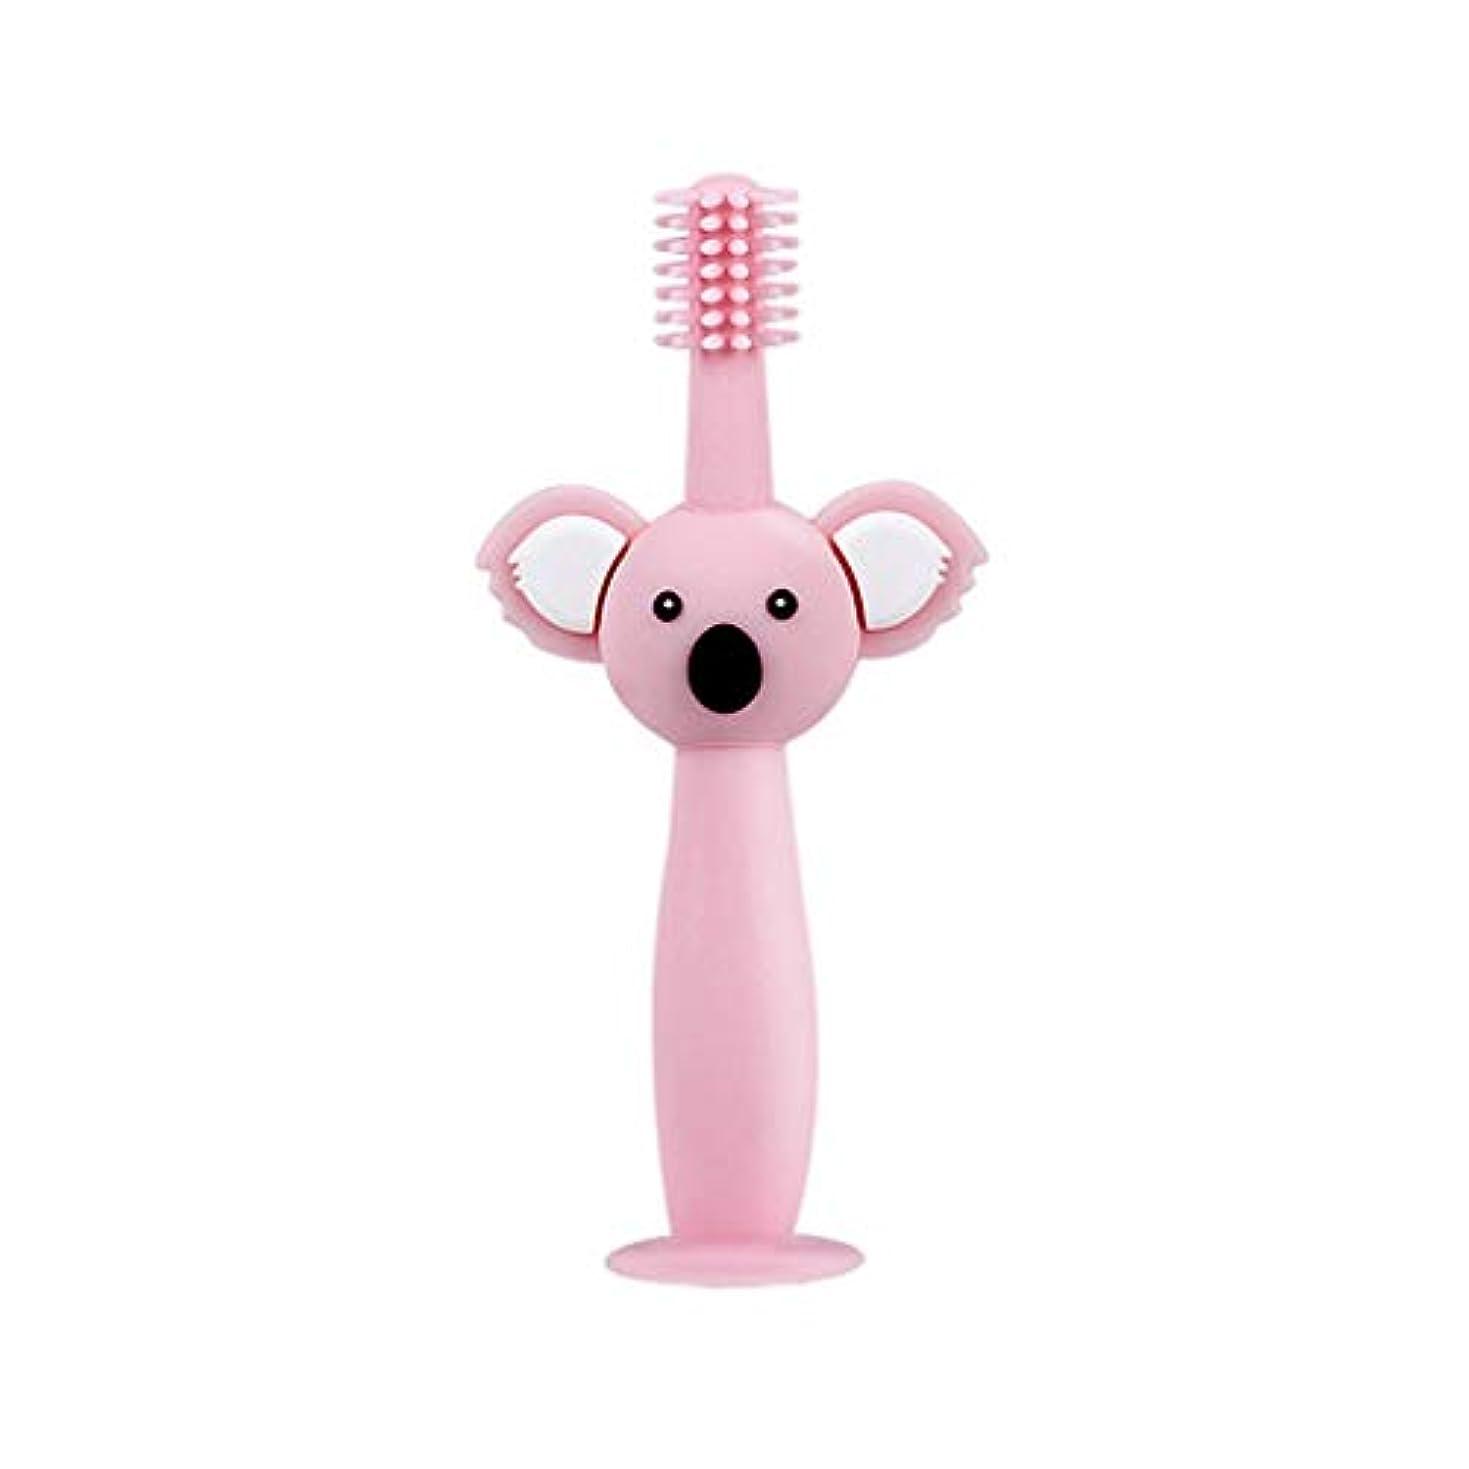 しわどのくらいの頻度で成功Biuuu 360°赤ちゃん歯ブラシコアラ頭ハンドル幼児ブラッシング歯トレーニング安全なデザインソフト健康シリコーン幼児口腔ケア (ピンク)